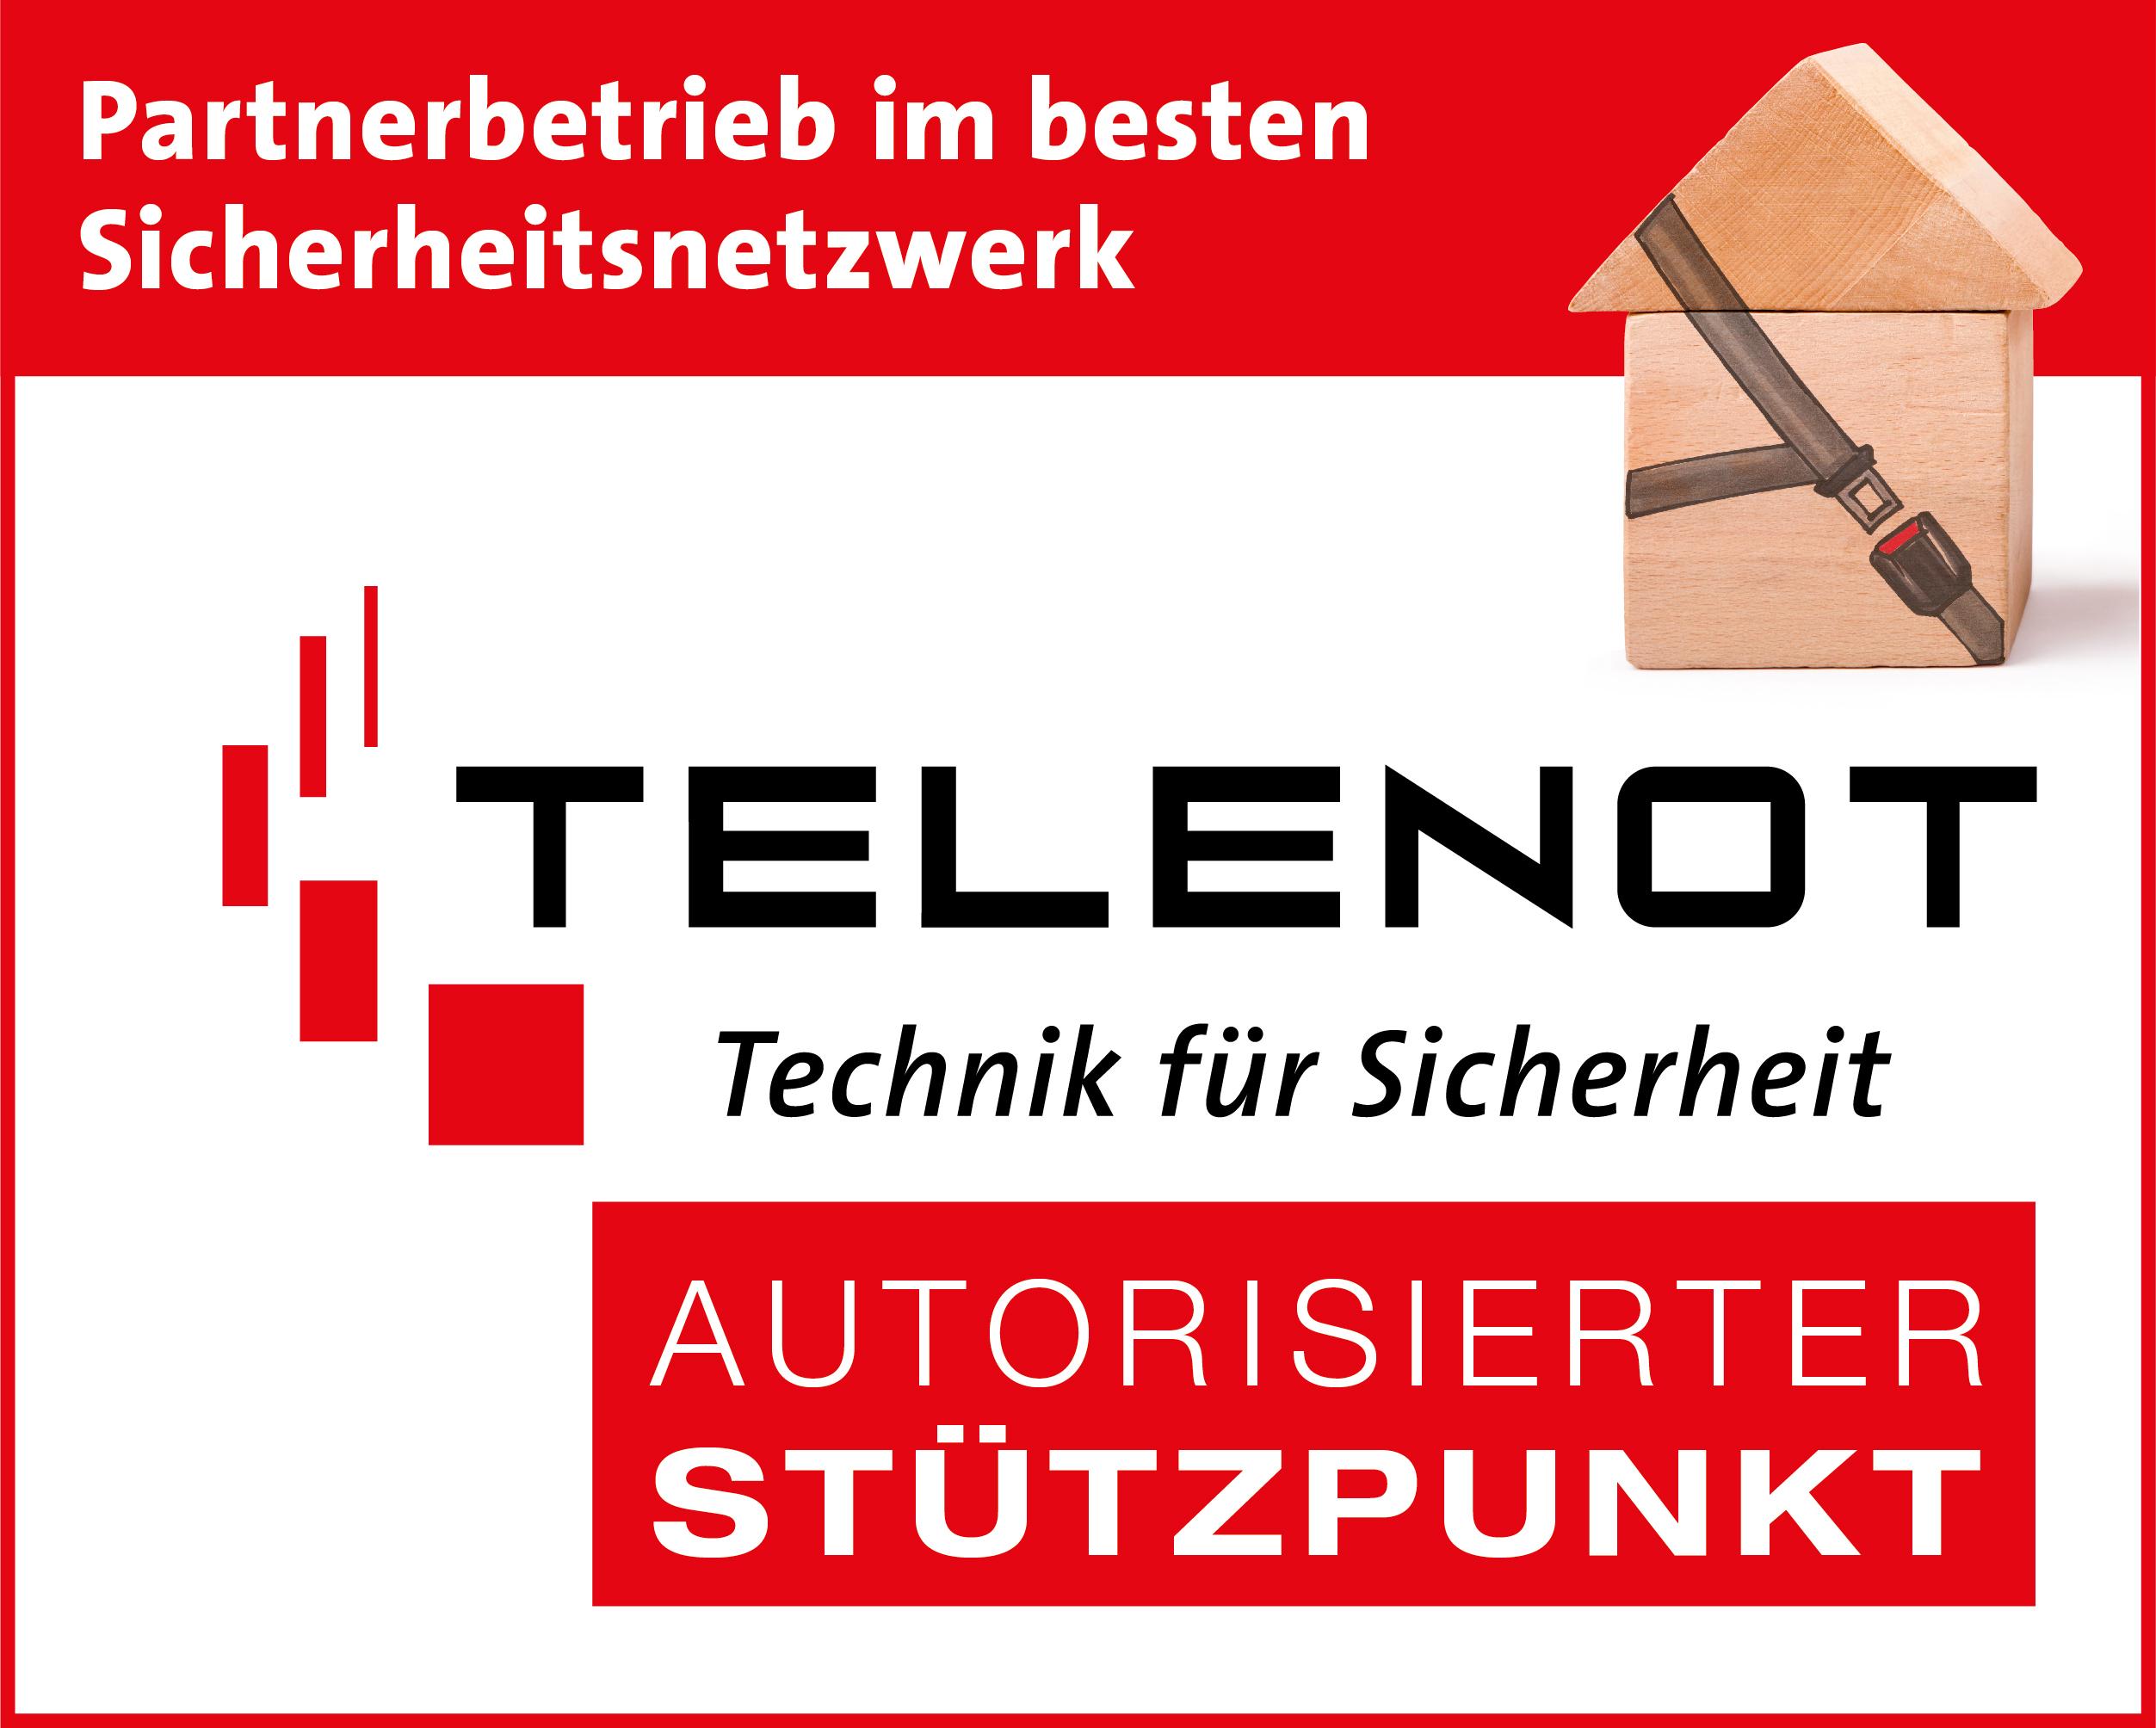 Telenot Stützpunkt Speyer- Zertifizierung für ESA GmbH German Protect